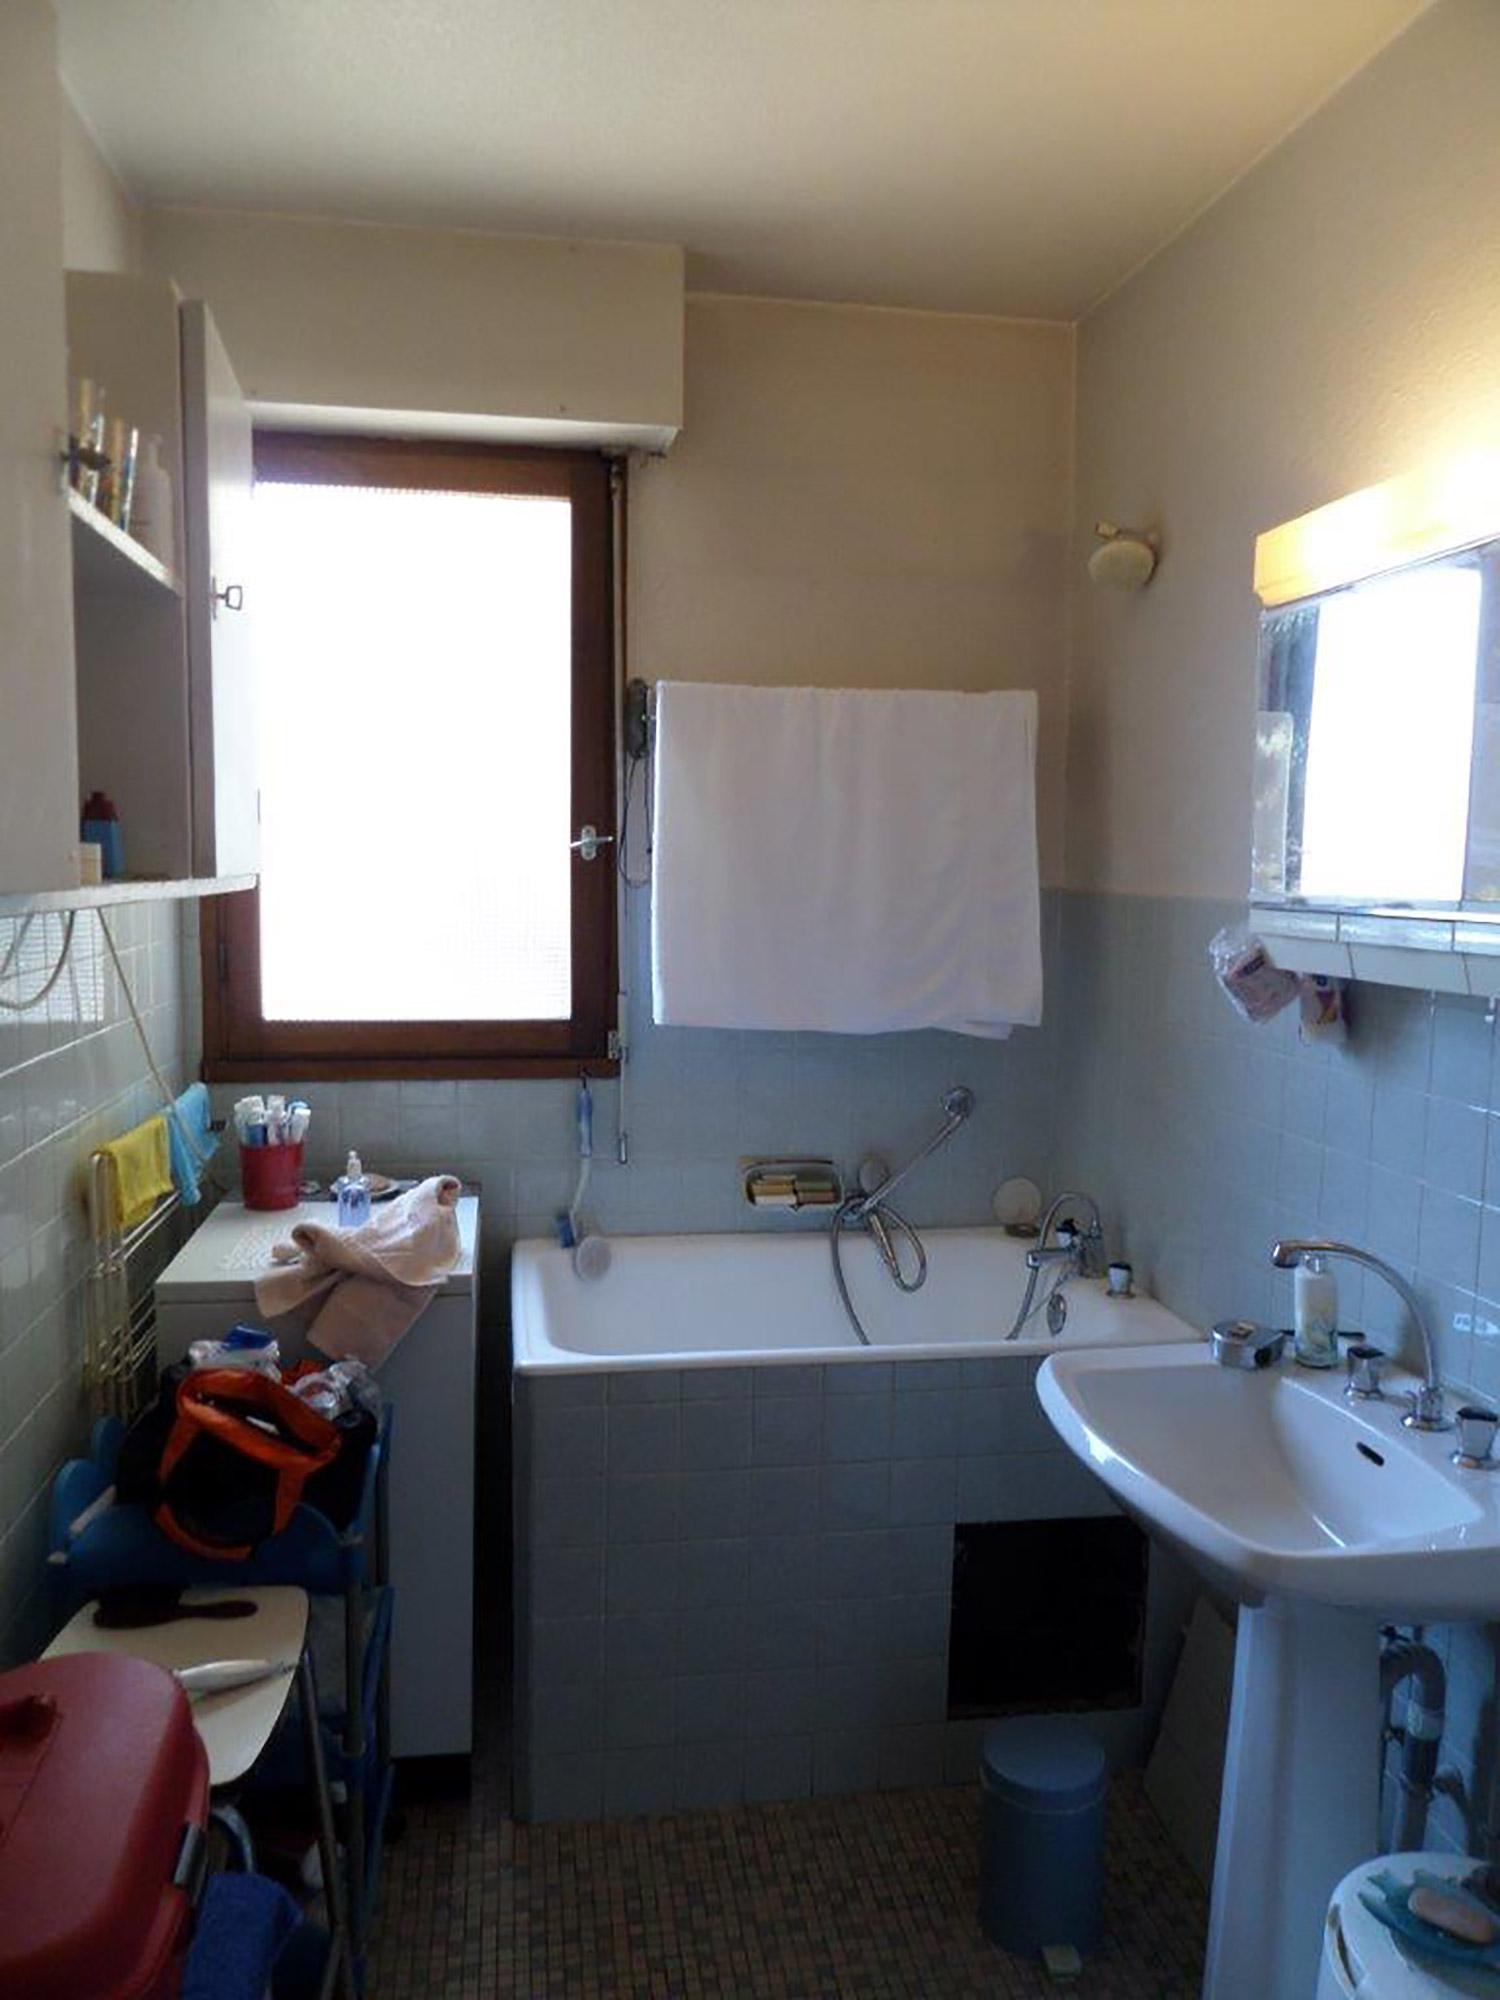 Cambio ba era por ducha duchaya biarritz 2 duchaya - Convertir banera en ducha ...